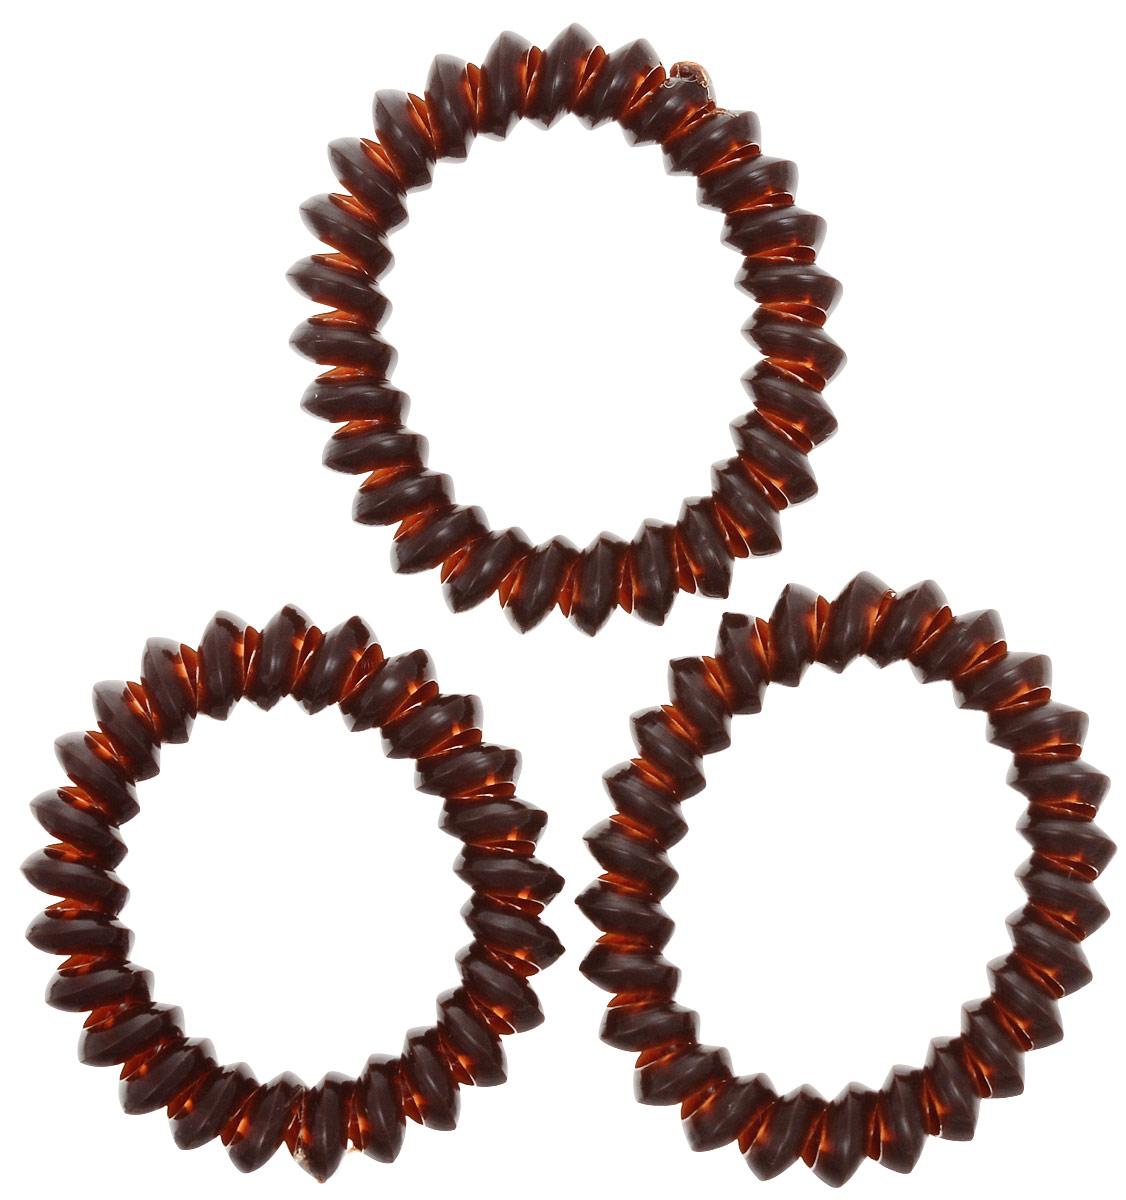 Резинка для волос Mitya Veselkov Dark Brown, цвет: коричневый, 3 шт. ELASTIC-BR-BROWNKRAB3-M2REDЯркие резинки-браслеты Mitya Veselkov выполнены из качественного ПВХ. Столь необычная форма резинок дает множество преимуществ. Резинка не оставляет заломов на волосах. При длительном ношении, снимая ее, вы не почувствуете усталость волос.Оригинально смотрится на волосах. Отлично сохраняет свою форму и надежно фиксирует прическу. Не мокнет. Не травмирует волосы. В отличие от обычных резинок, нет трения, зажимов отдельных волосков или прядей.Также их можно использовать как стильные браслеты.